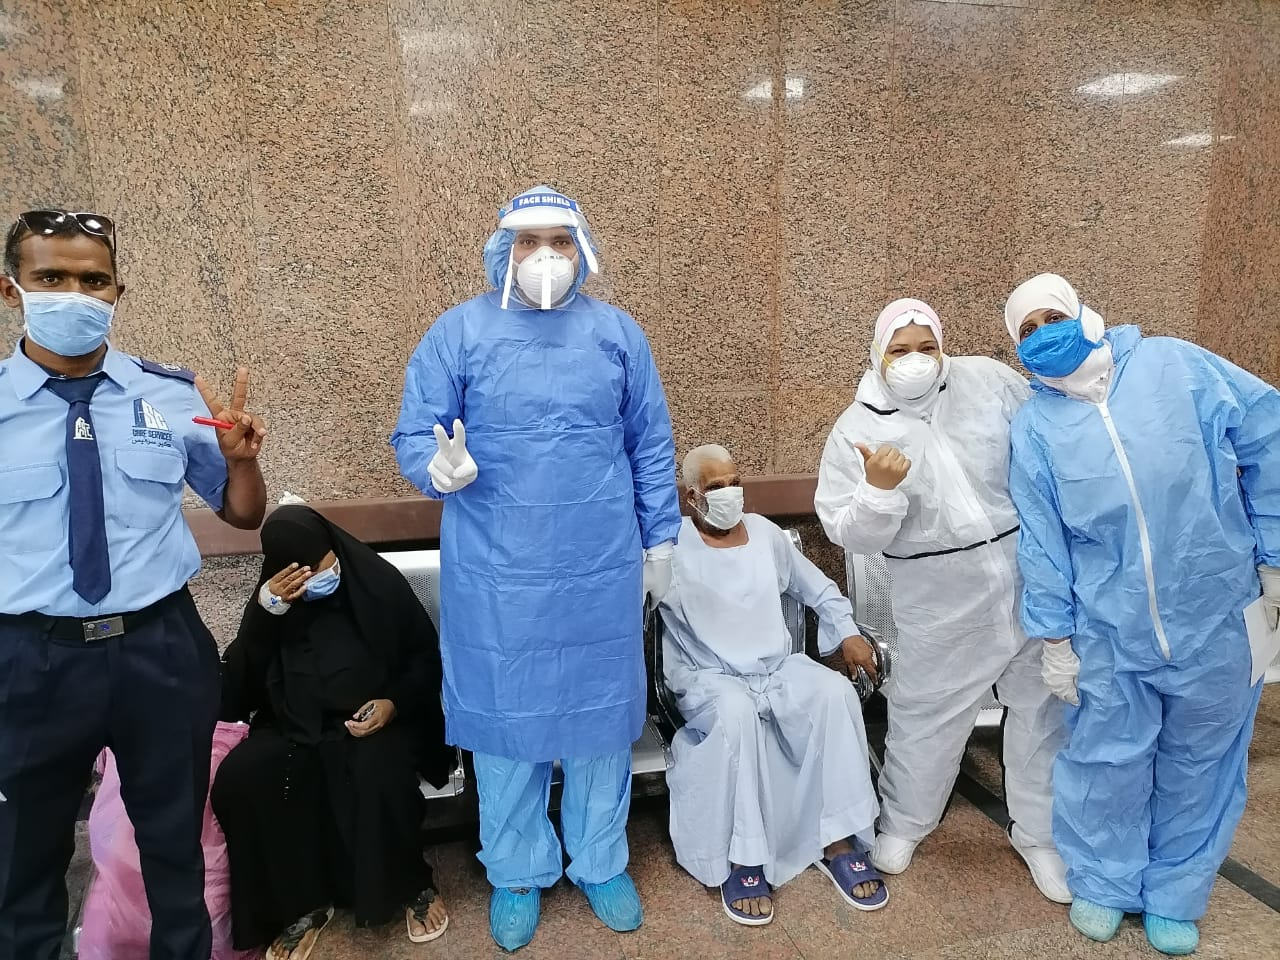 مستشفى الأقصر العام للعزل تعلن خروج 5 حالات جديدة بعد شفاؤهم  (2)